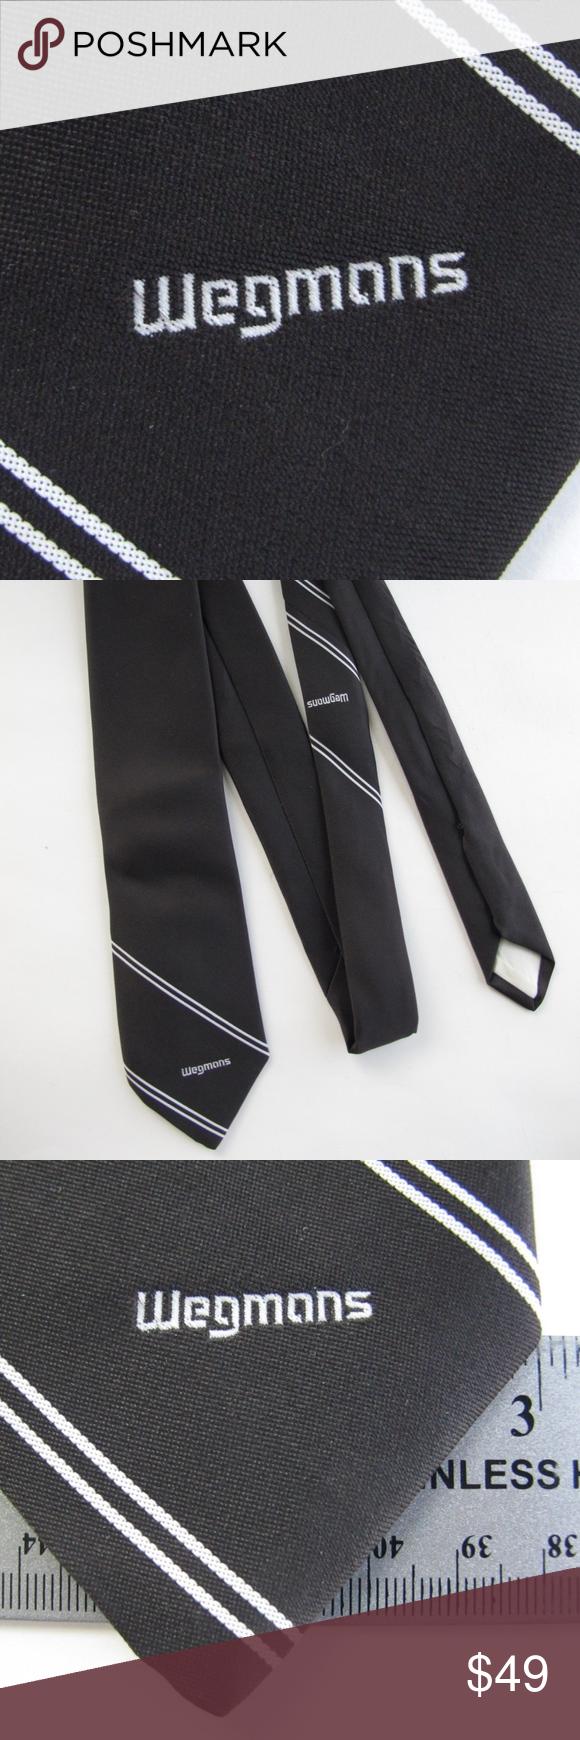 Rare Collectible Vintage Wegmans Brown Retro Tie Very Rare Old Danny